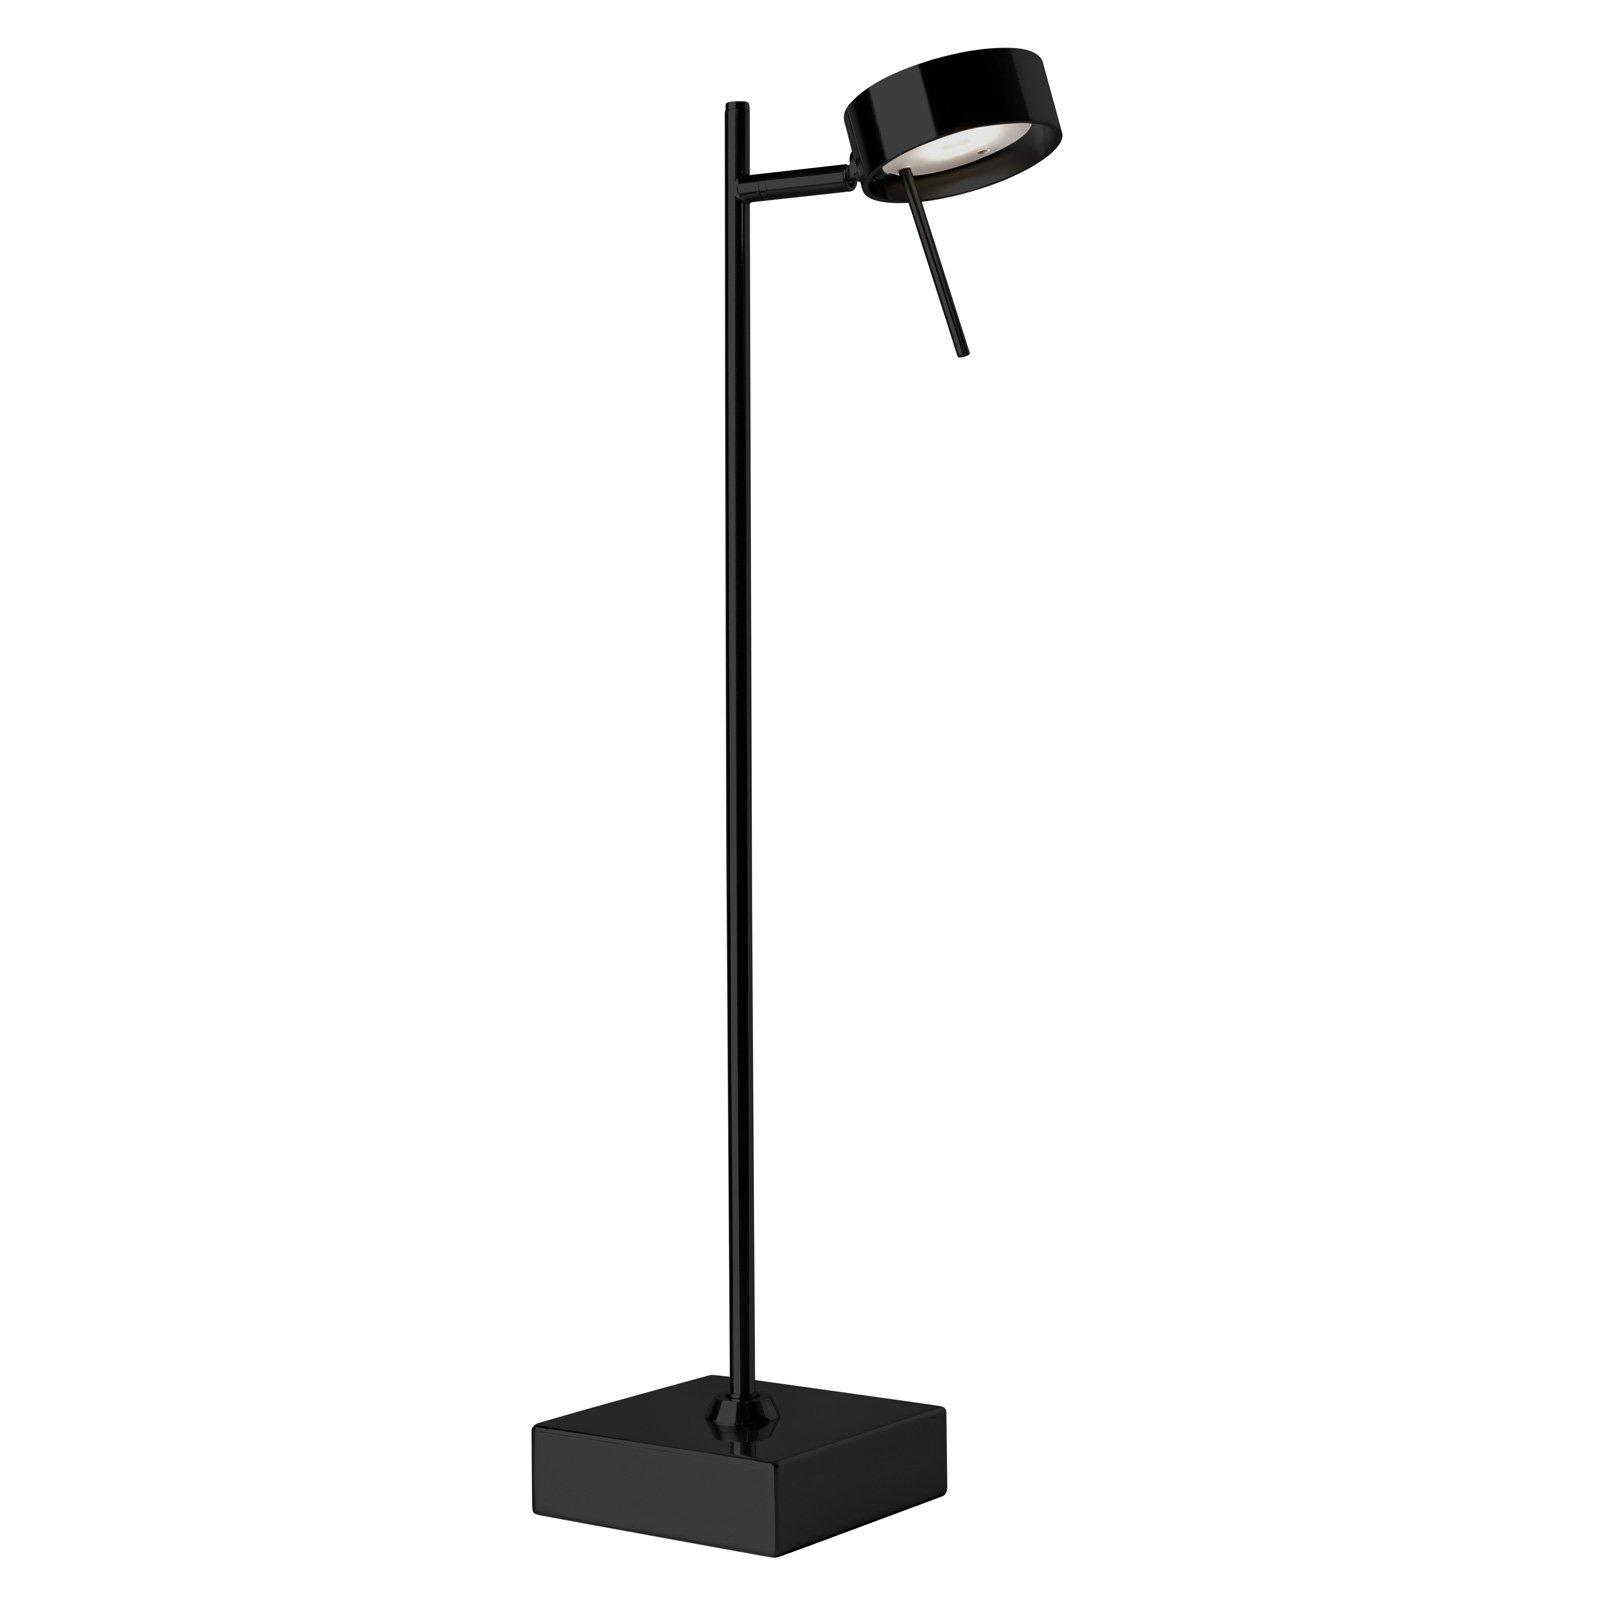 LED-bordlampe Bling, dimmer, 1 lyskilde, svart